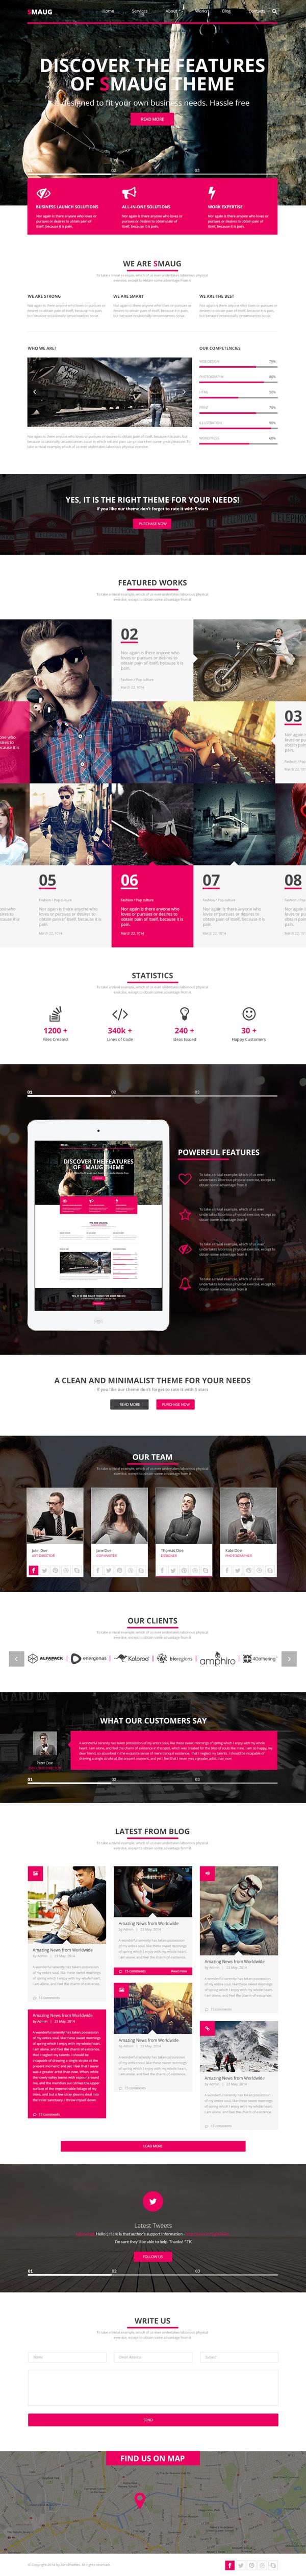 Smaug - One Page PSD HTML5 Theme